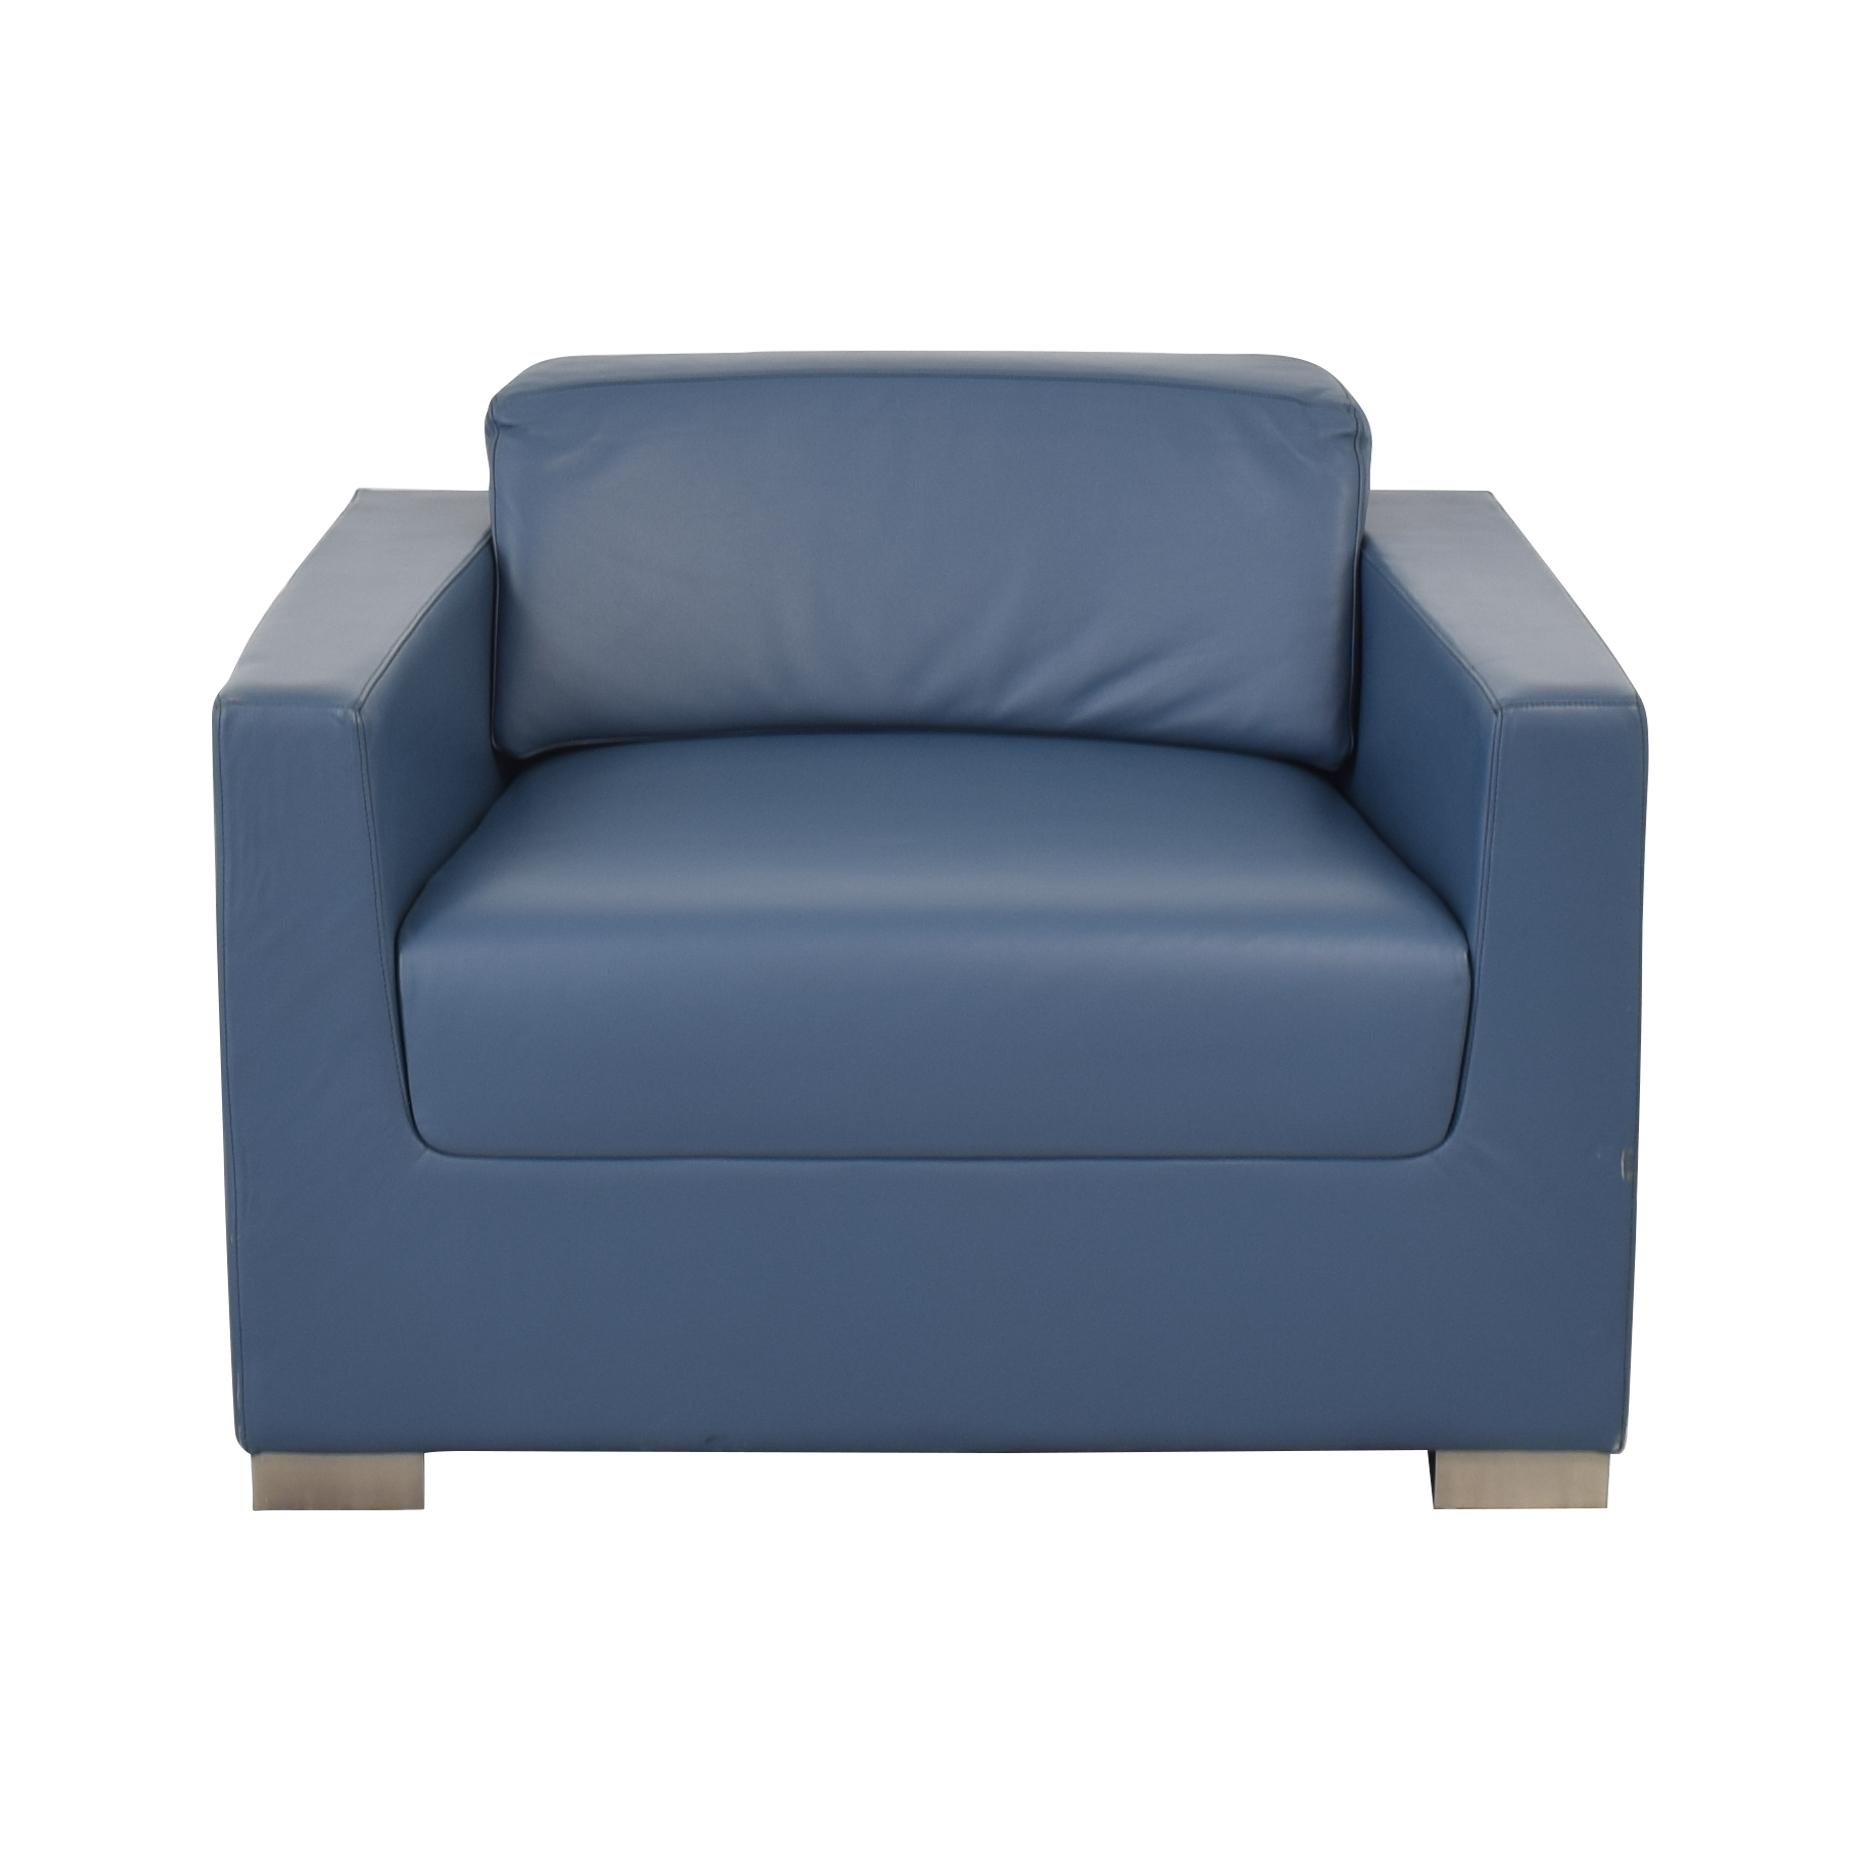 buy Bernhardt Bernhardt Design Blue Leather Arm Chair online